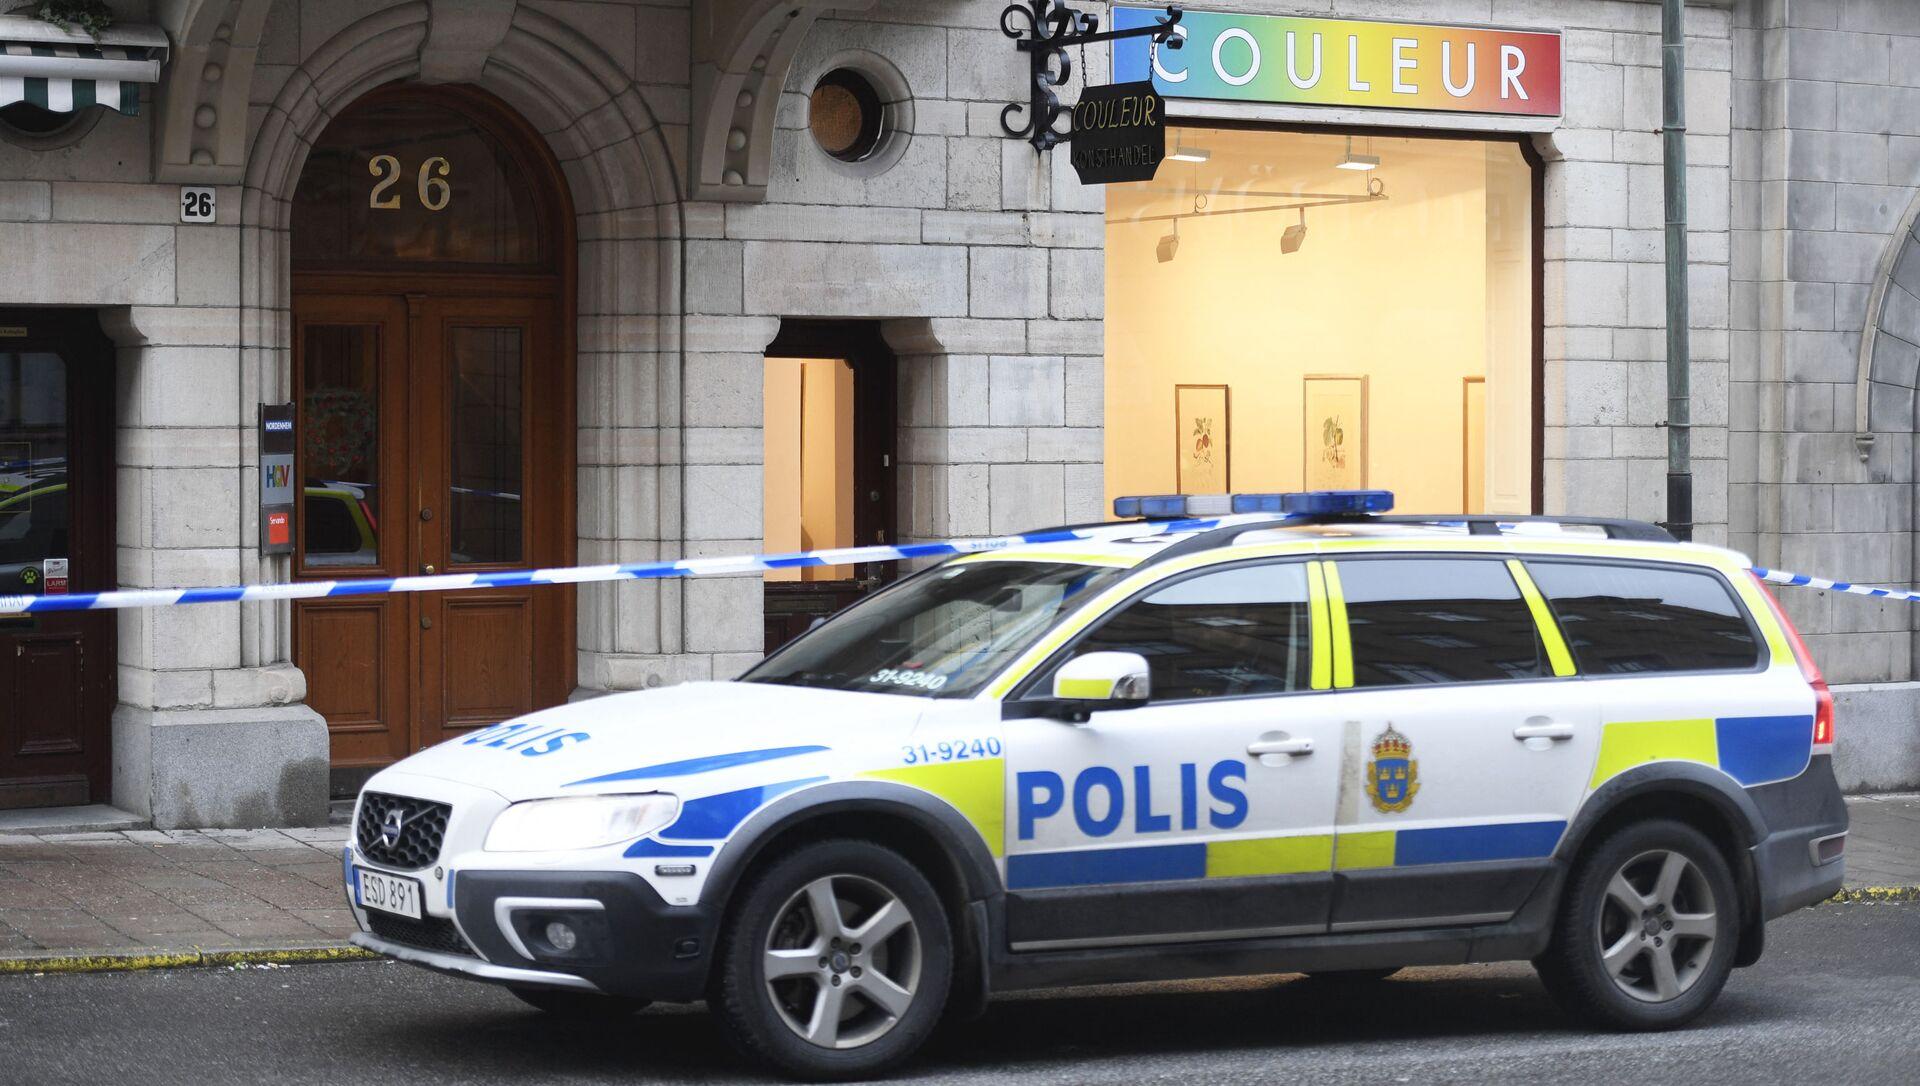 A police car in Sweden - Sputnik International, 1920, 03.08.2021